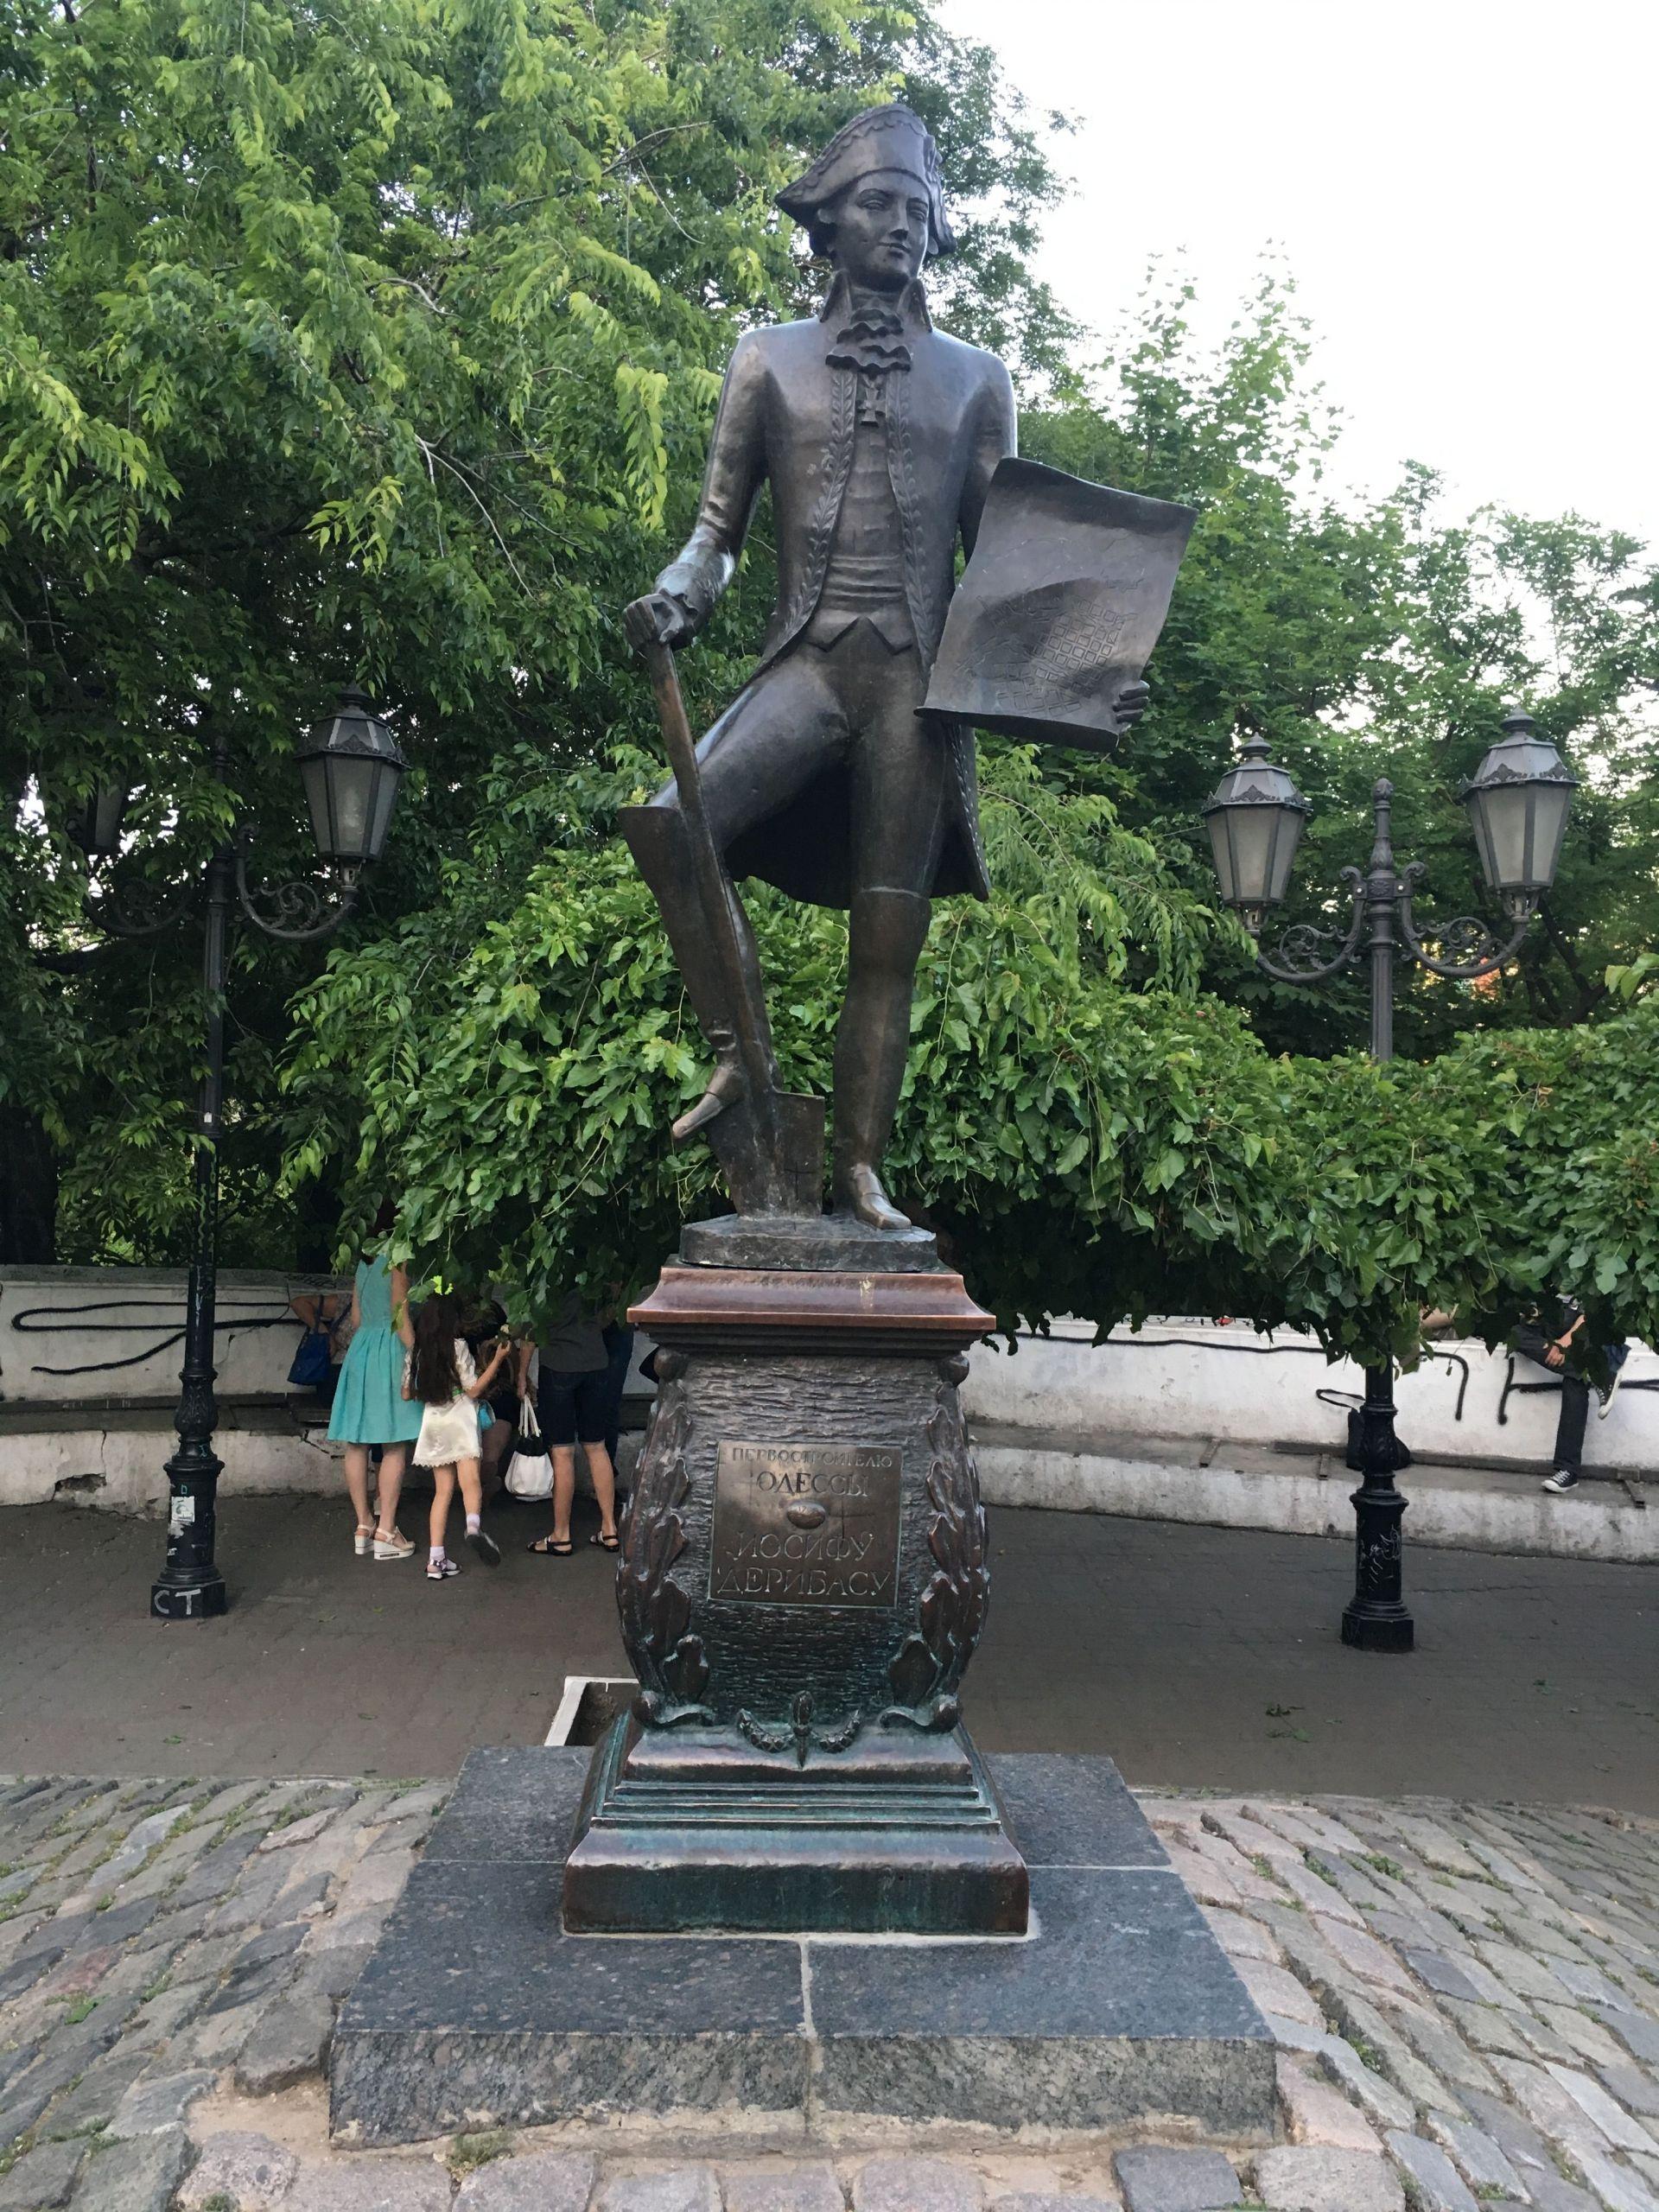 Garten Statue Schön Pin On Travel Od